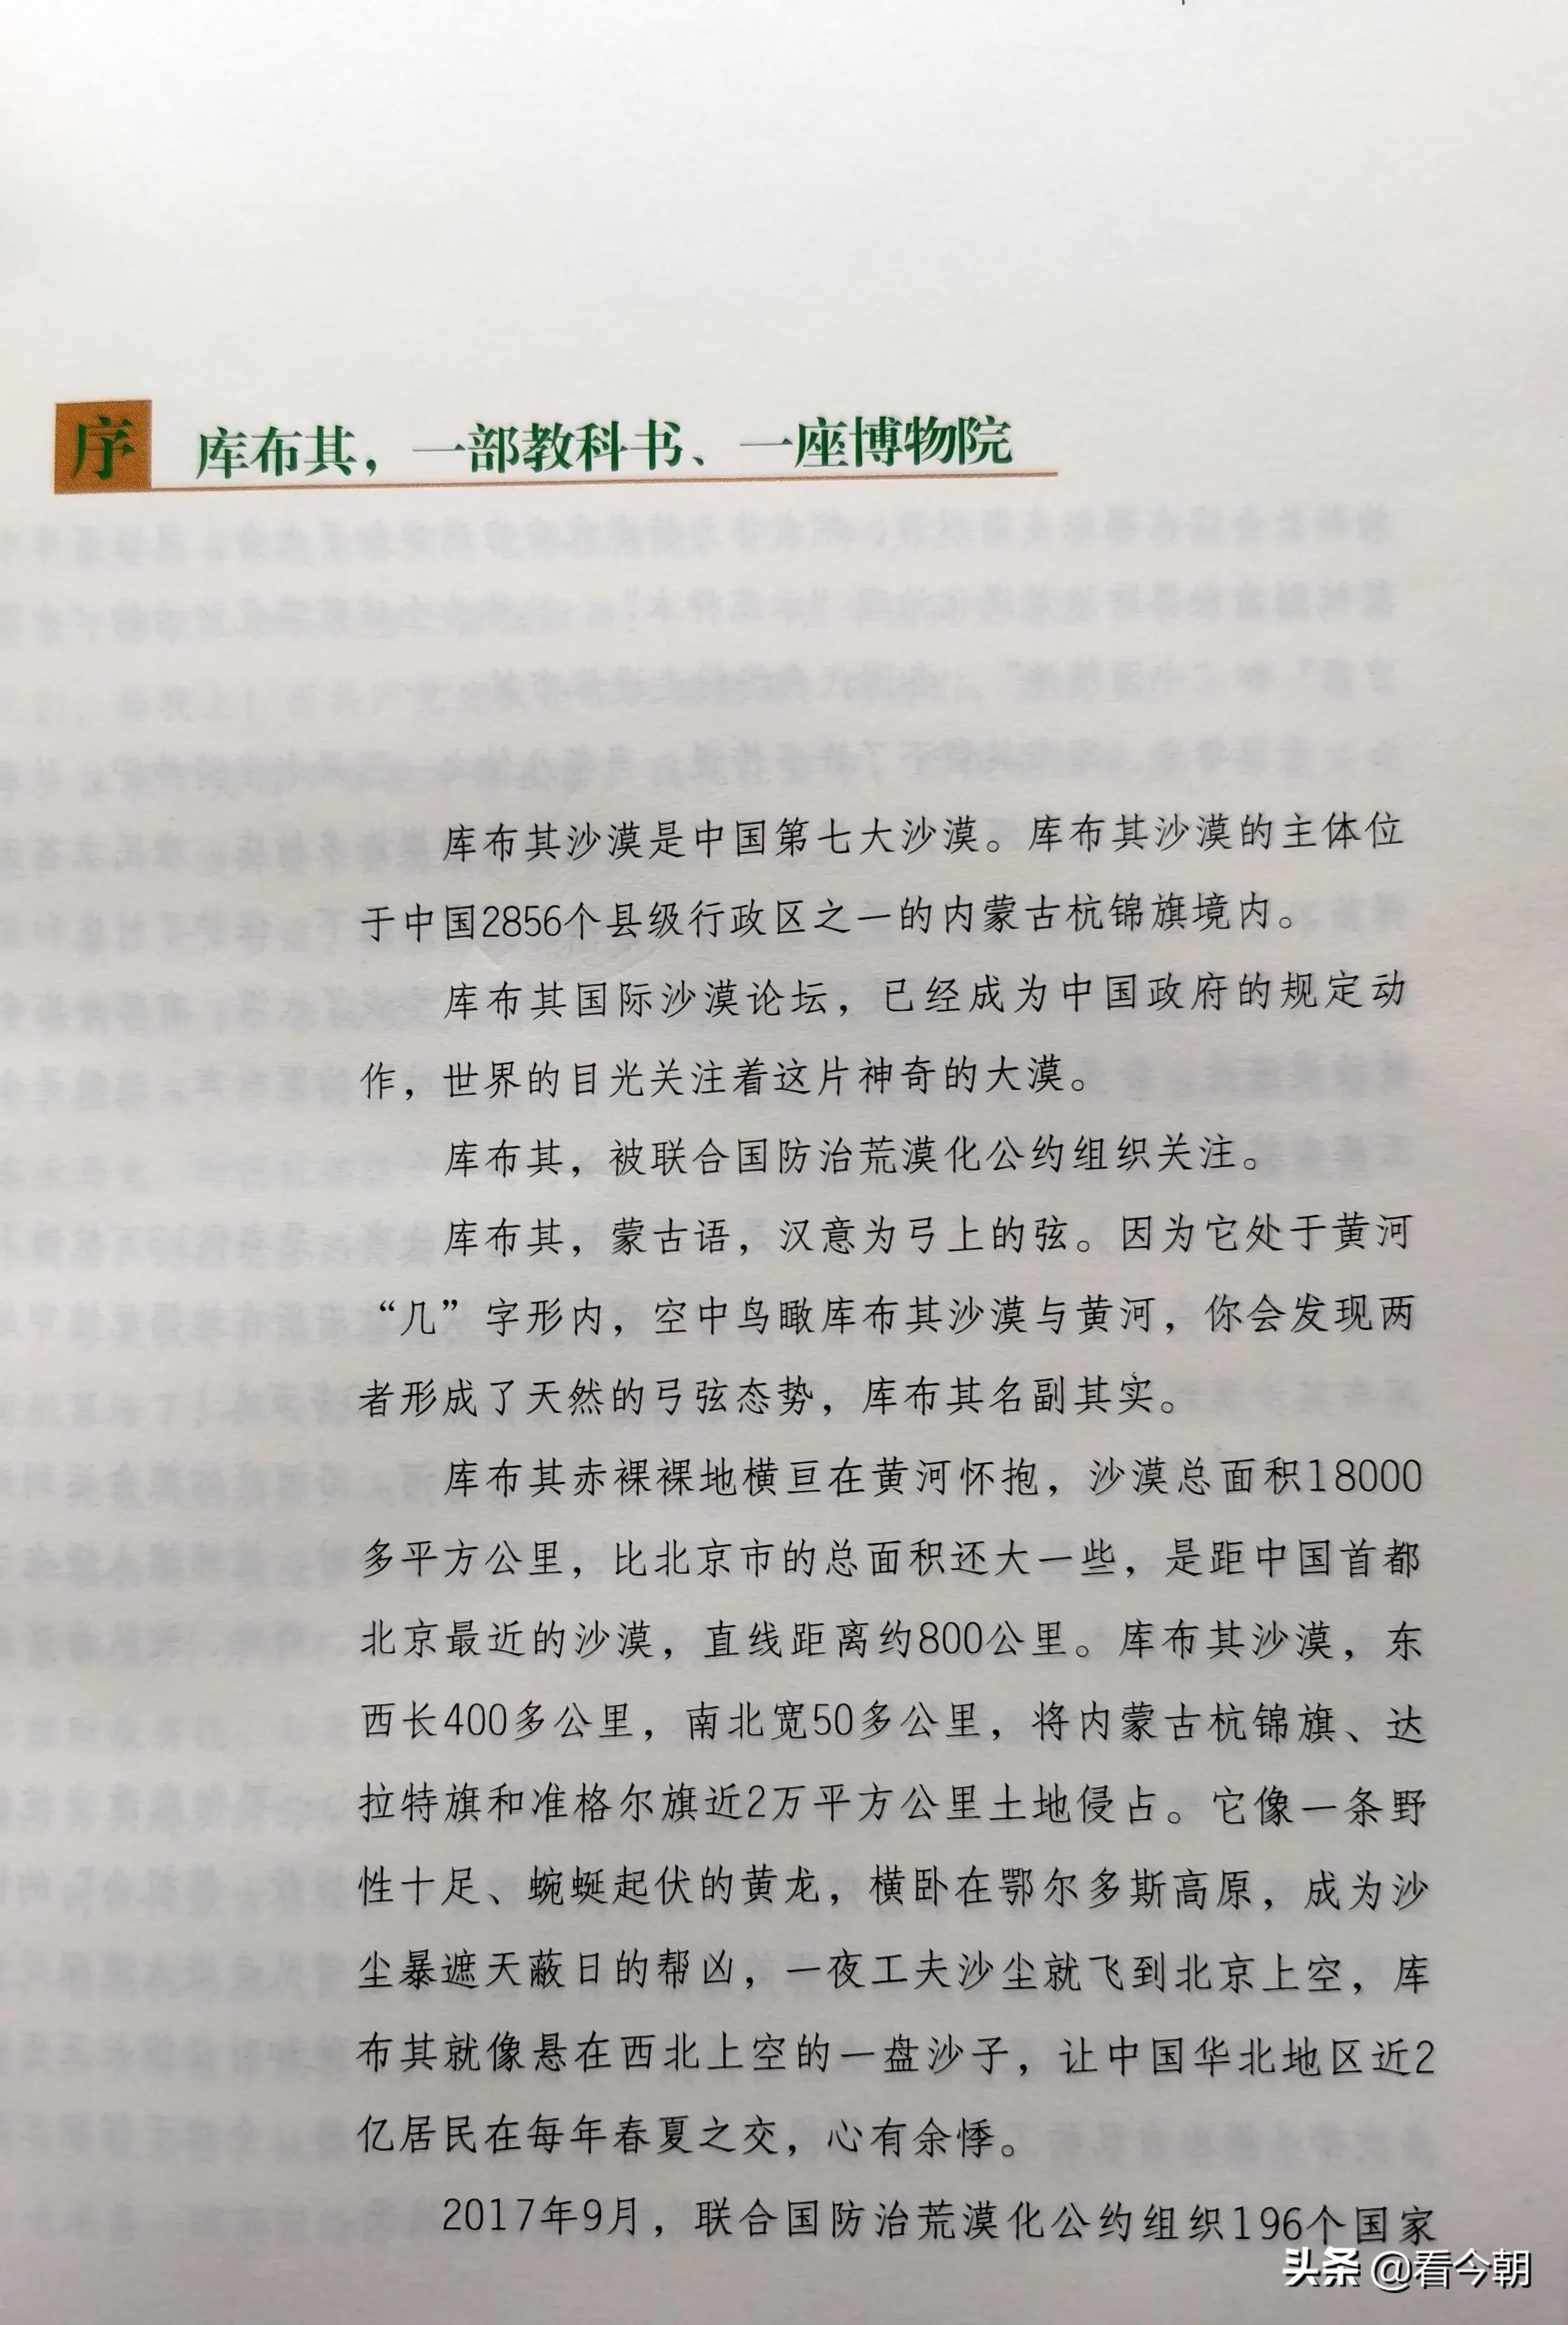 刘明祖致信报告文学《大漠长歌》作者